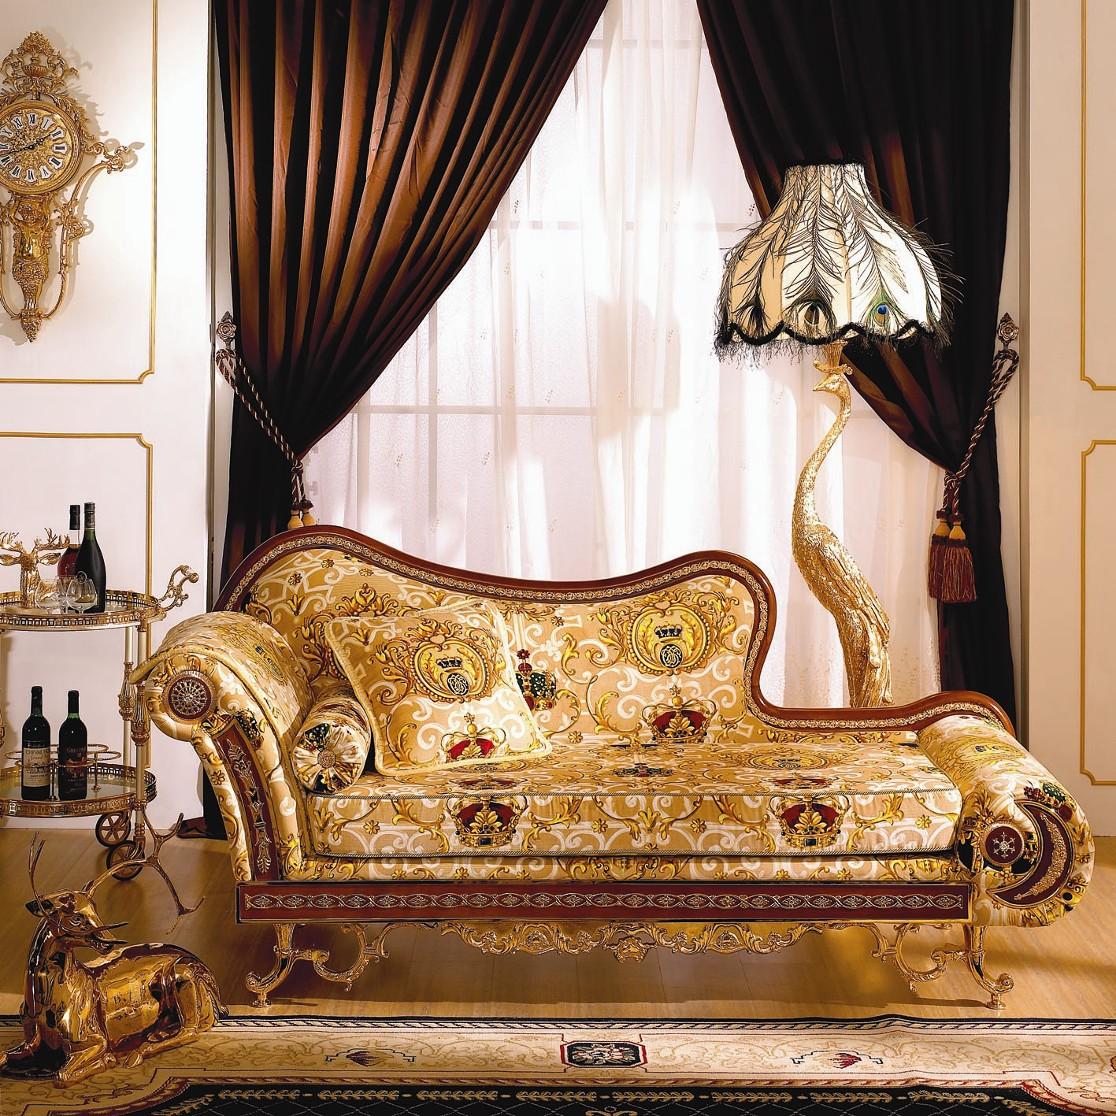 Best Of The Week 9 Instagrammable Living Rooms: ROSE WOOD FURNITURE: Luxury Sofaluxury Sofa